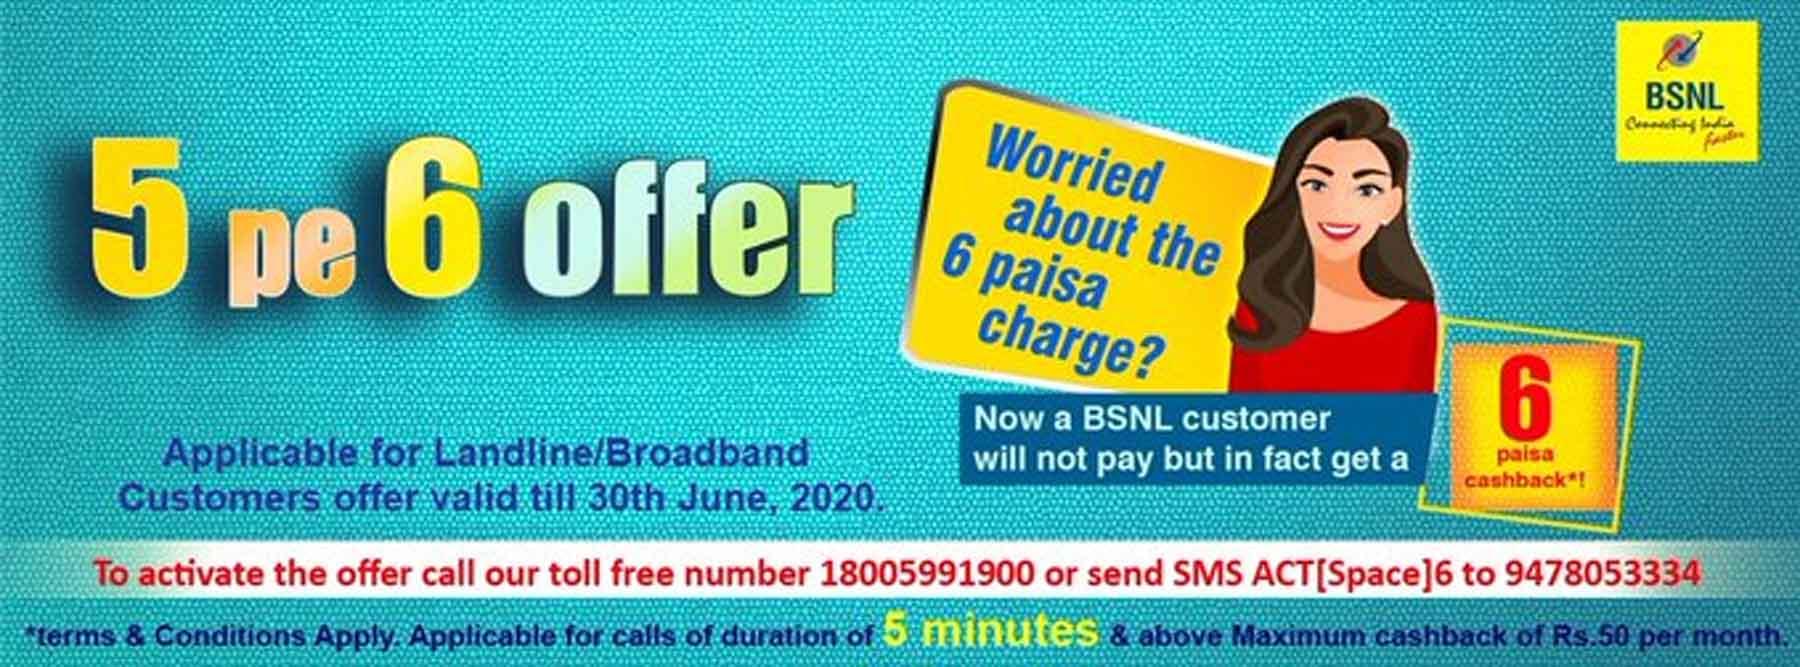 BSNL 5 pe 6 Offer